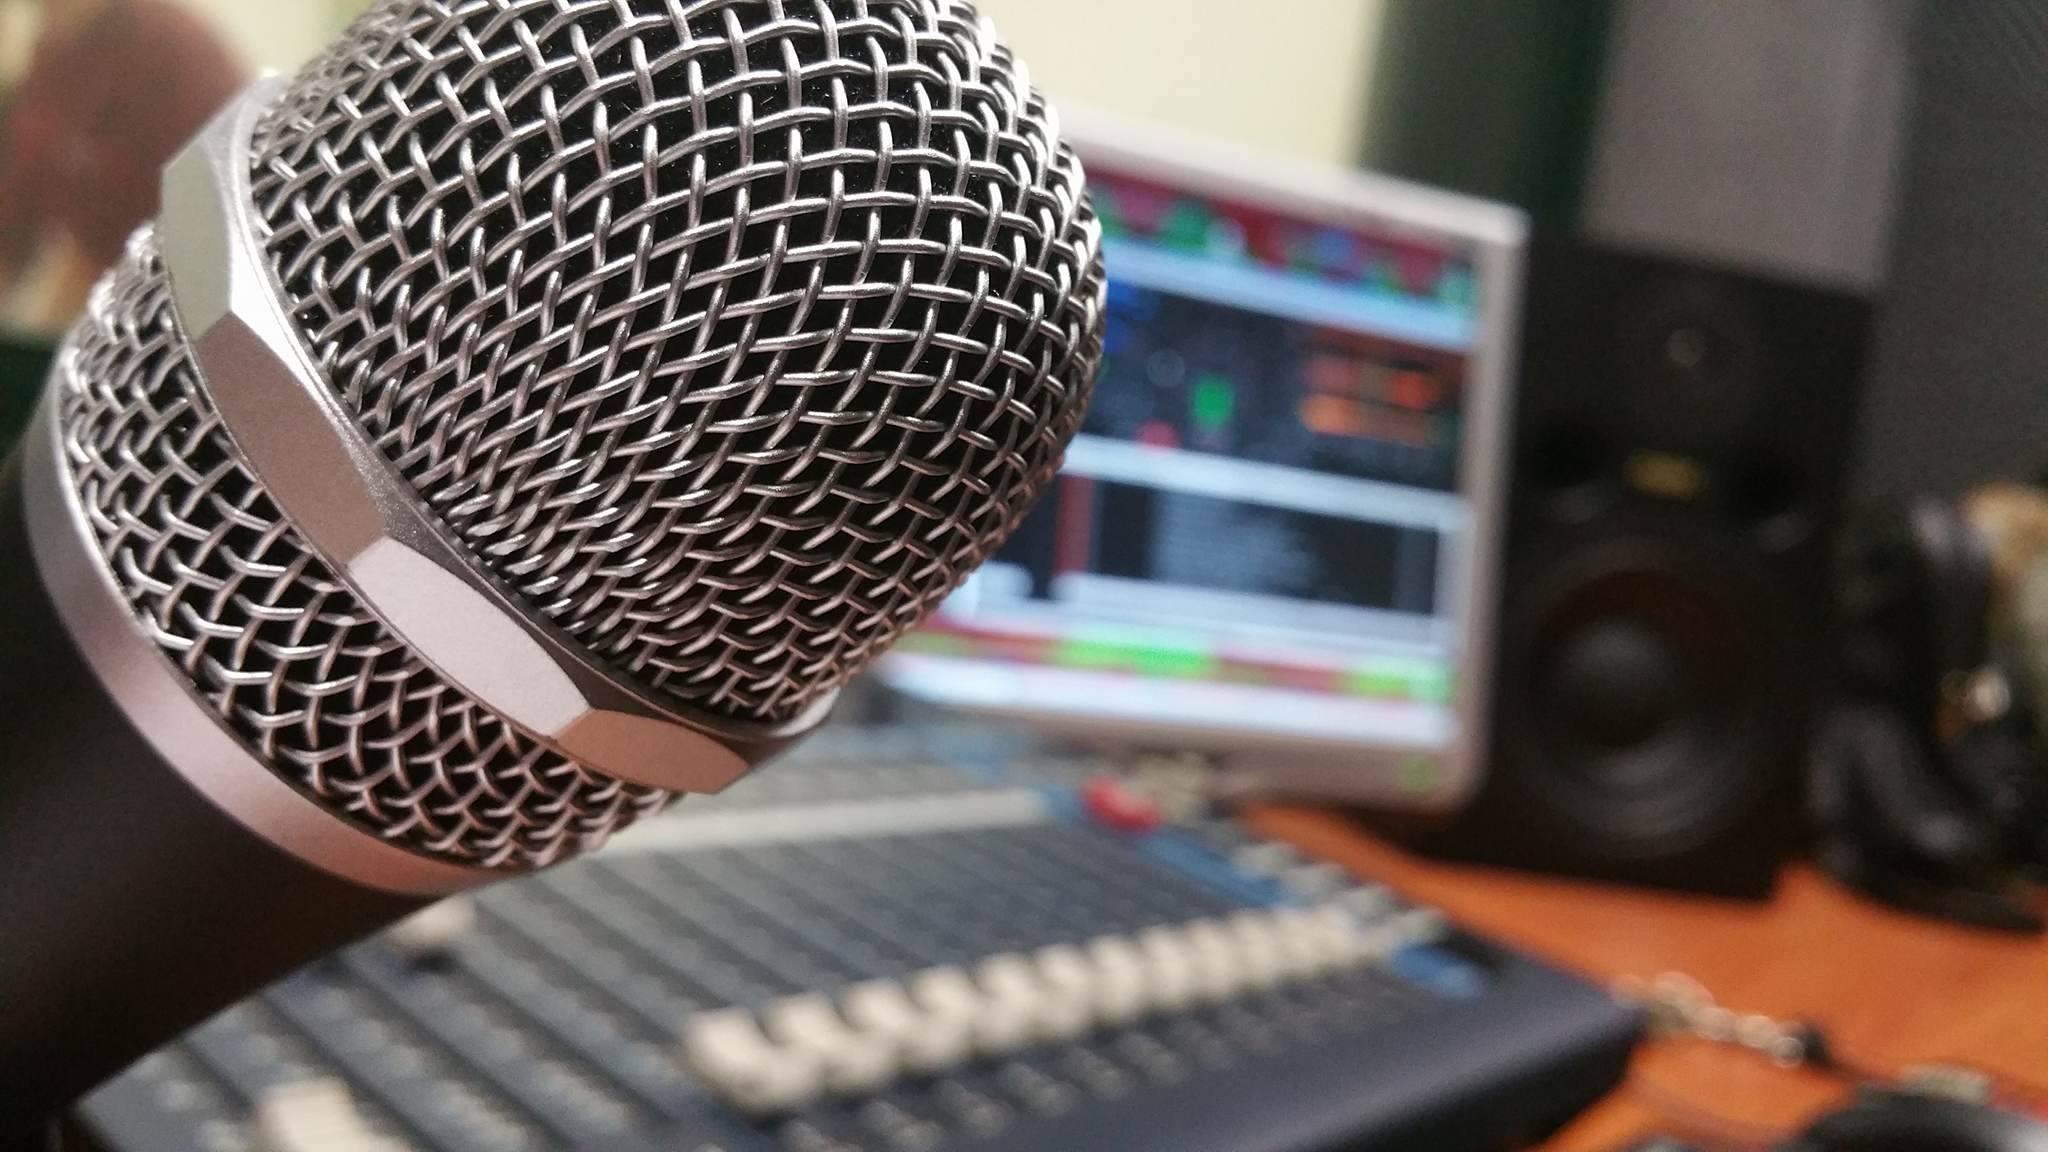 Υλικοτεχνικός εξοπλισμός για διαδικτυακή ραδιοφωνική παραγωγή